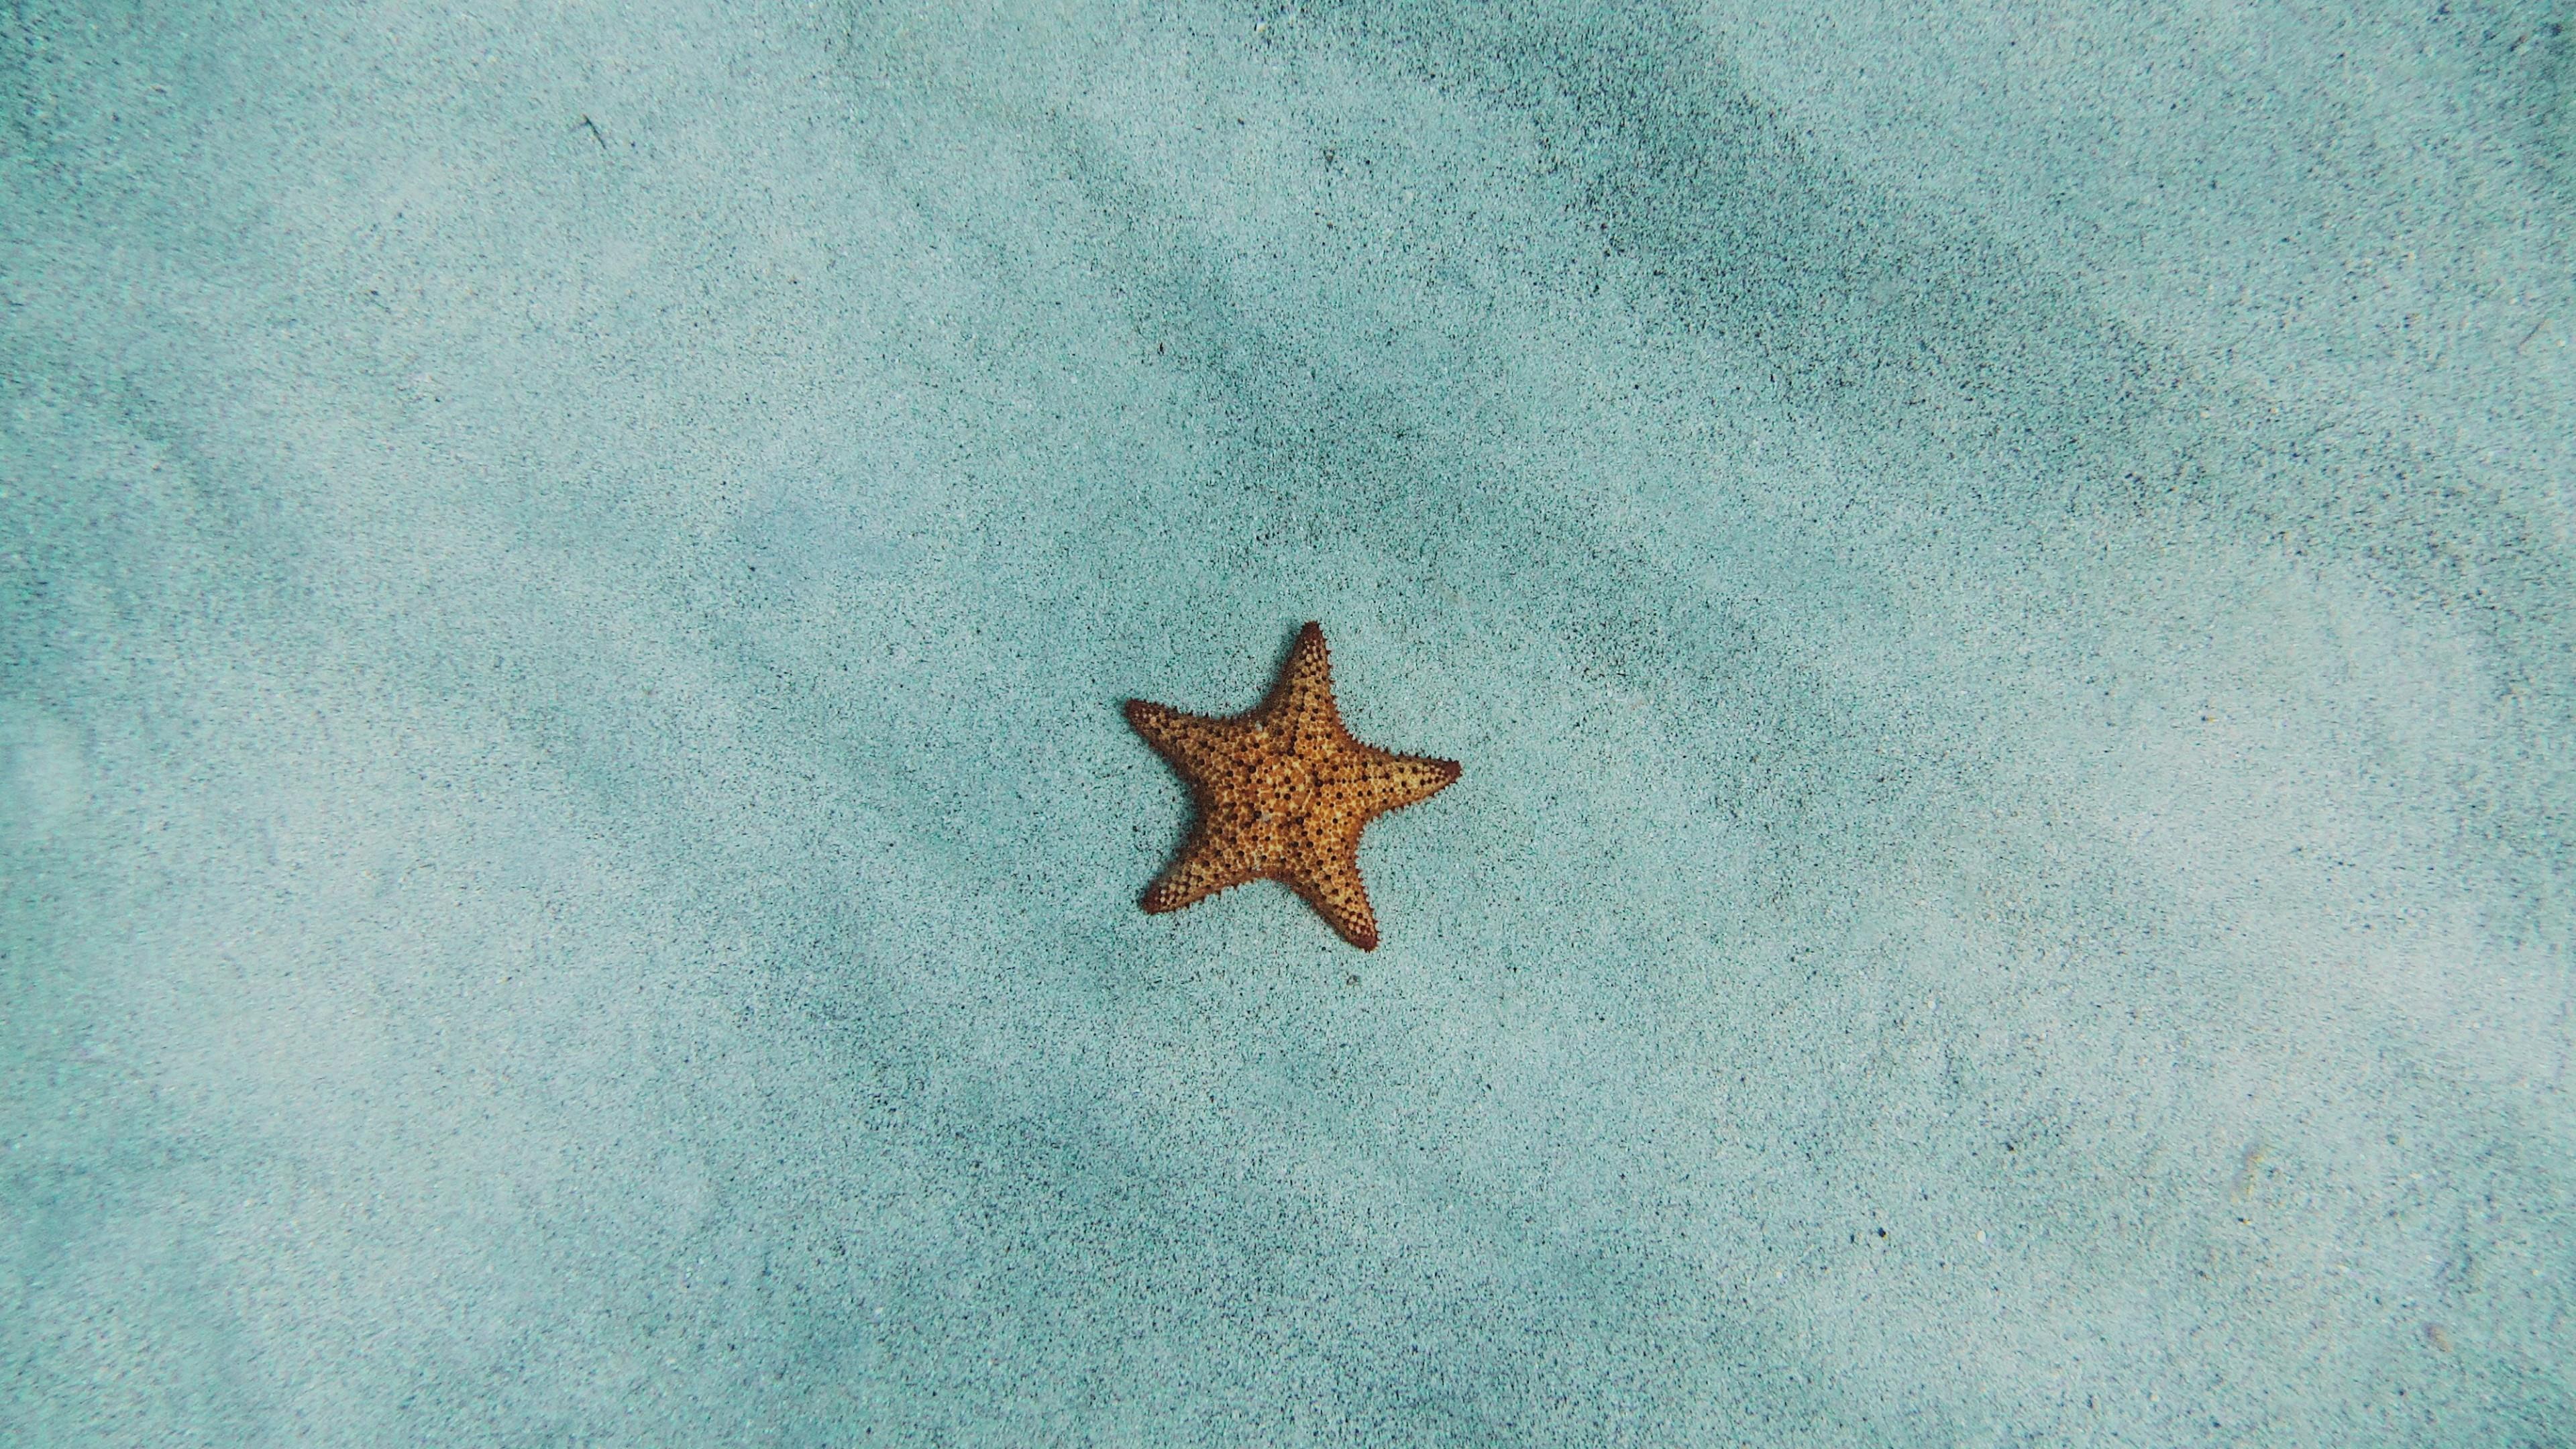 Starfish in the sea wallpaper